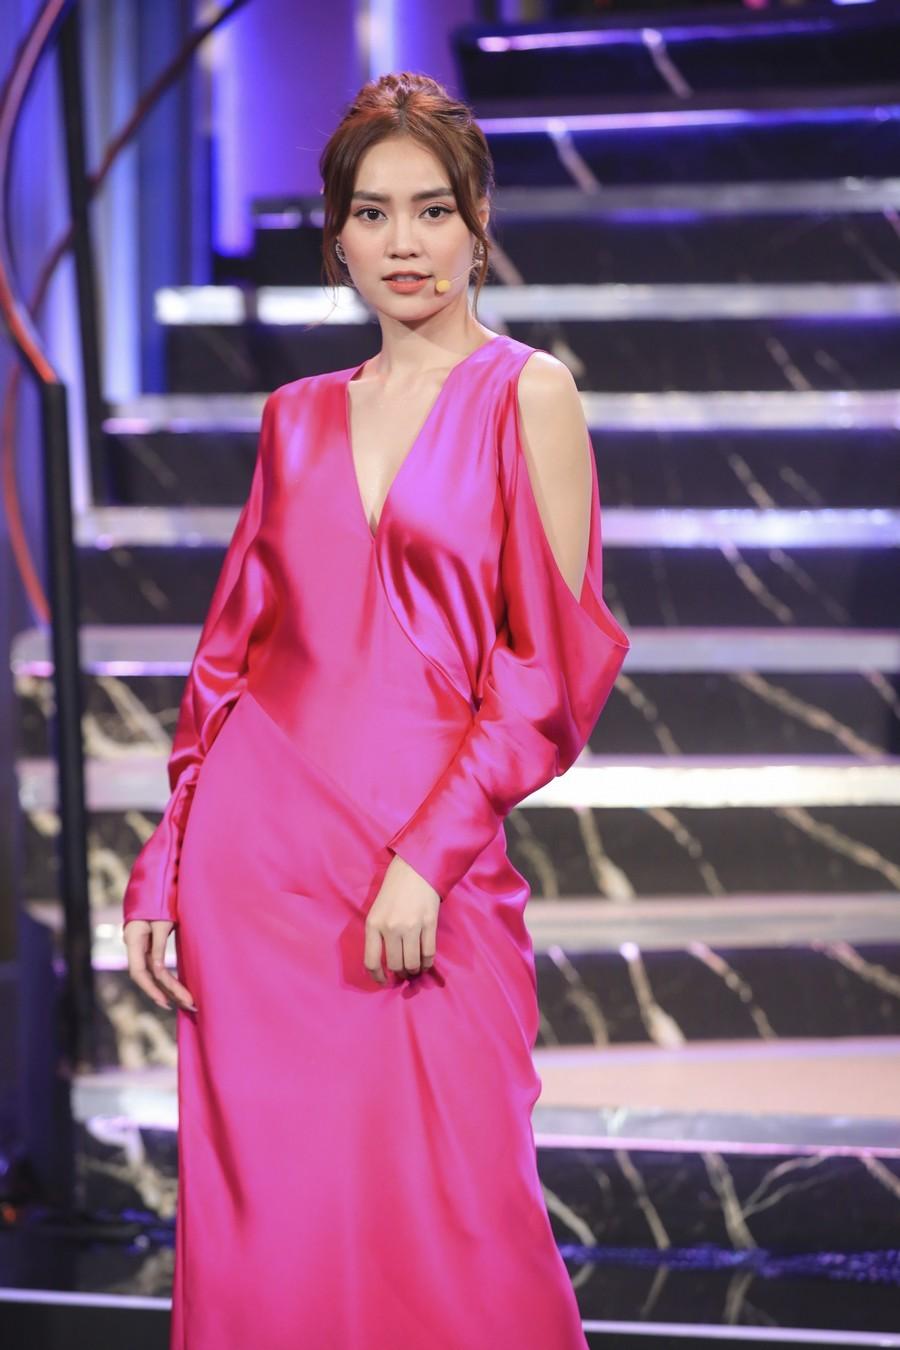 Cùng 1 bộ váy: Lạn Ngọc rất xinh nhưng có phần kém sexy so với Lương Thùy Linh, Hoàng Thùy vì khoản tạo dáng thông minh - Ảnh 1.